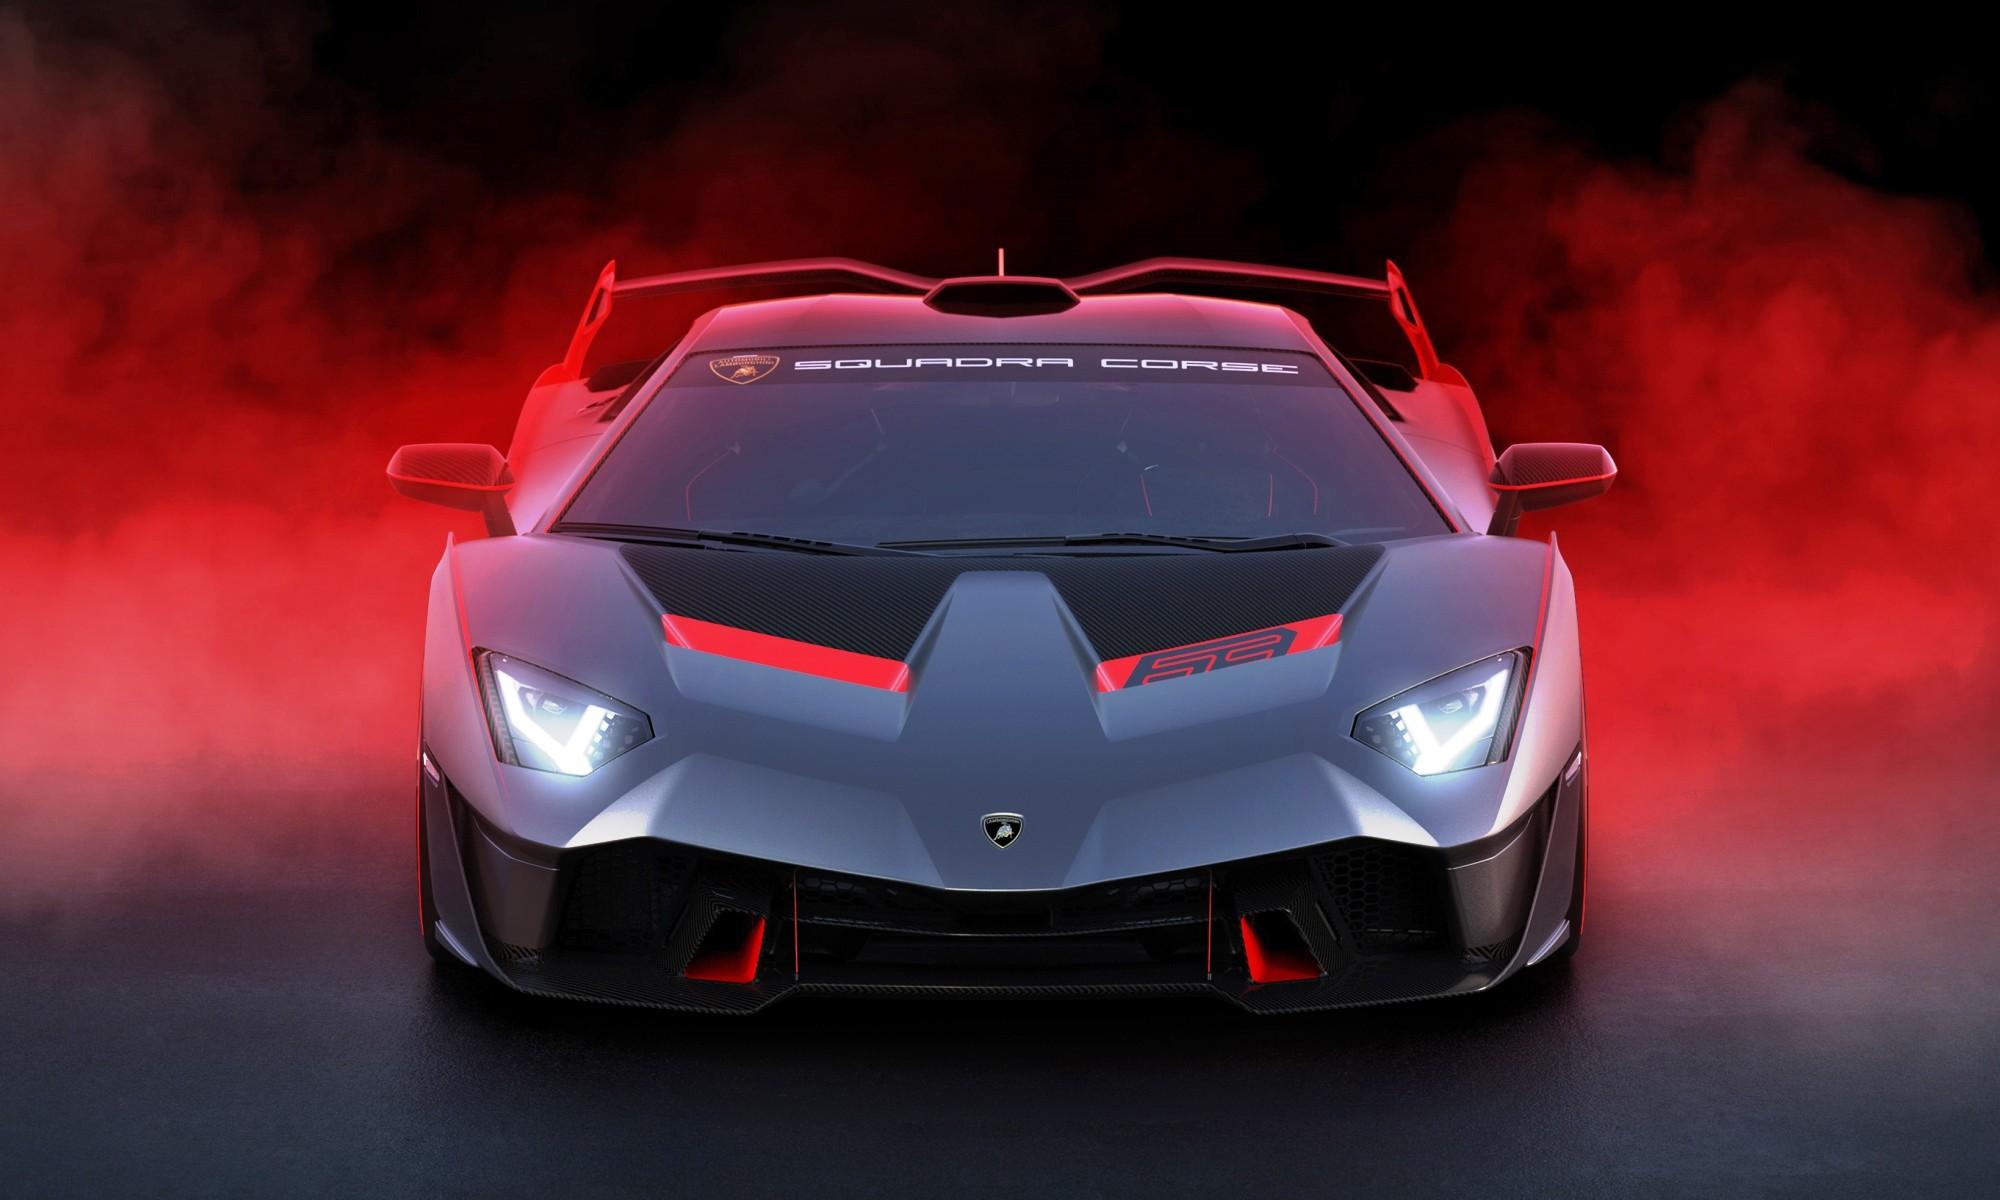 Lamborghini SC18 Alston front